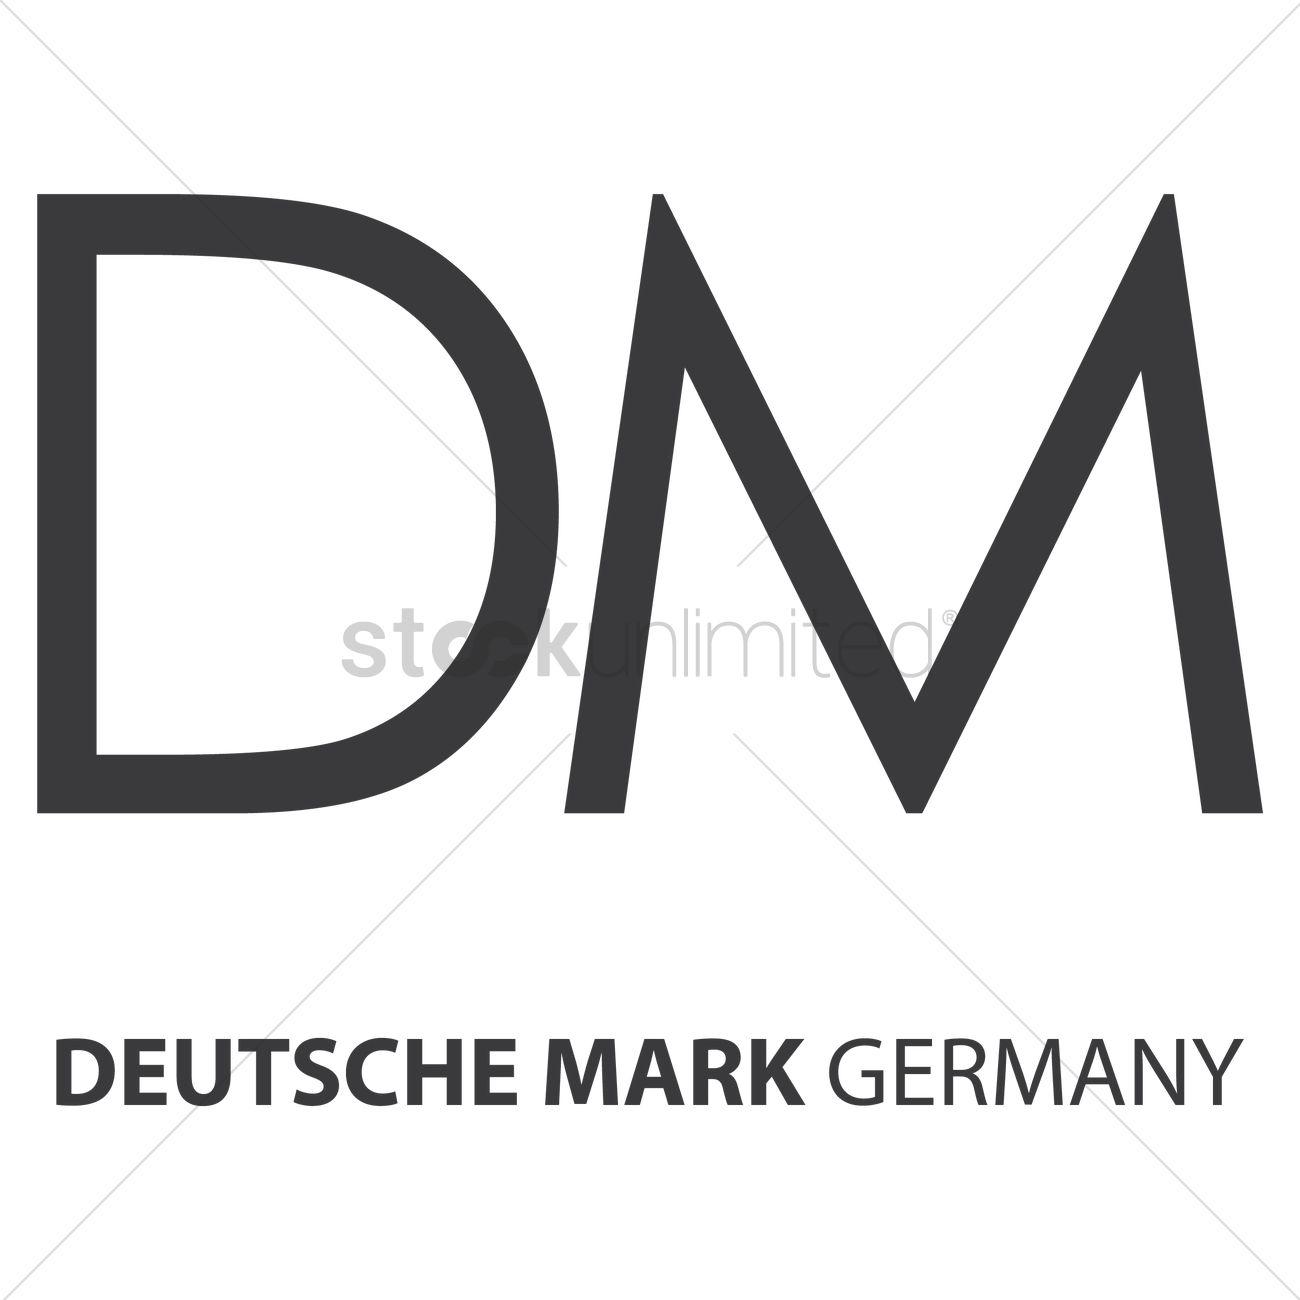 German deutsche mark vector image 1753662 stockunlimited german deutsche mark vector graphic buycottarizona